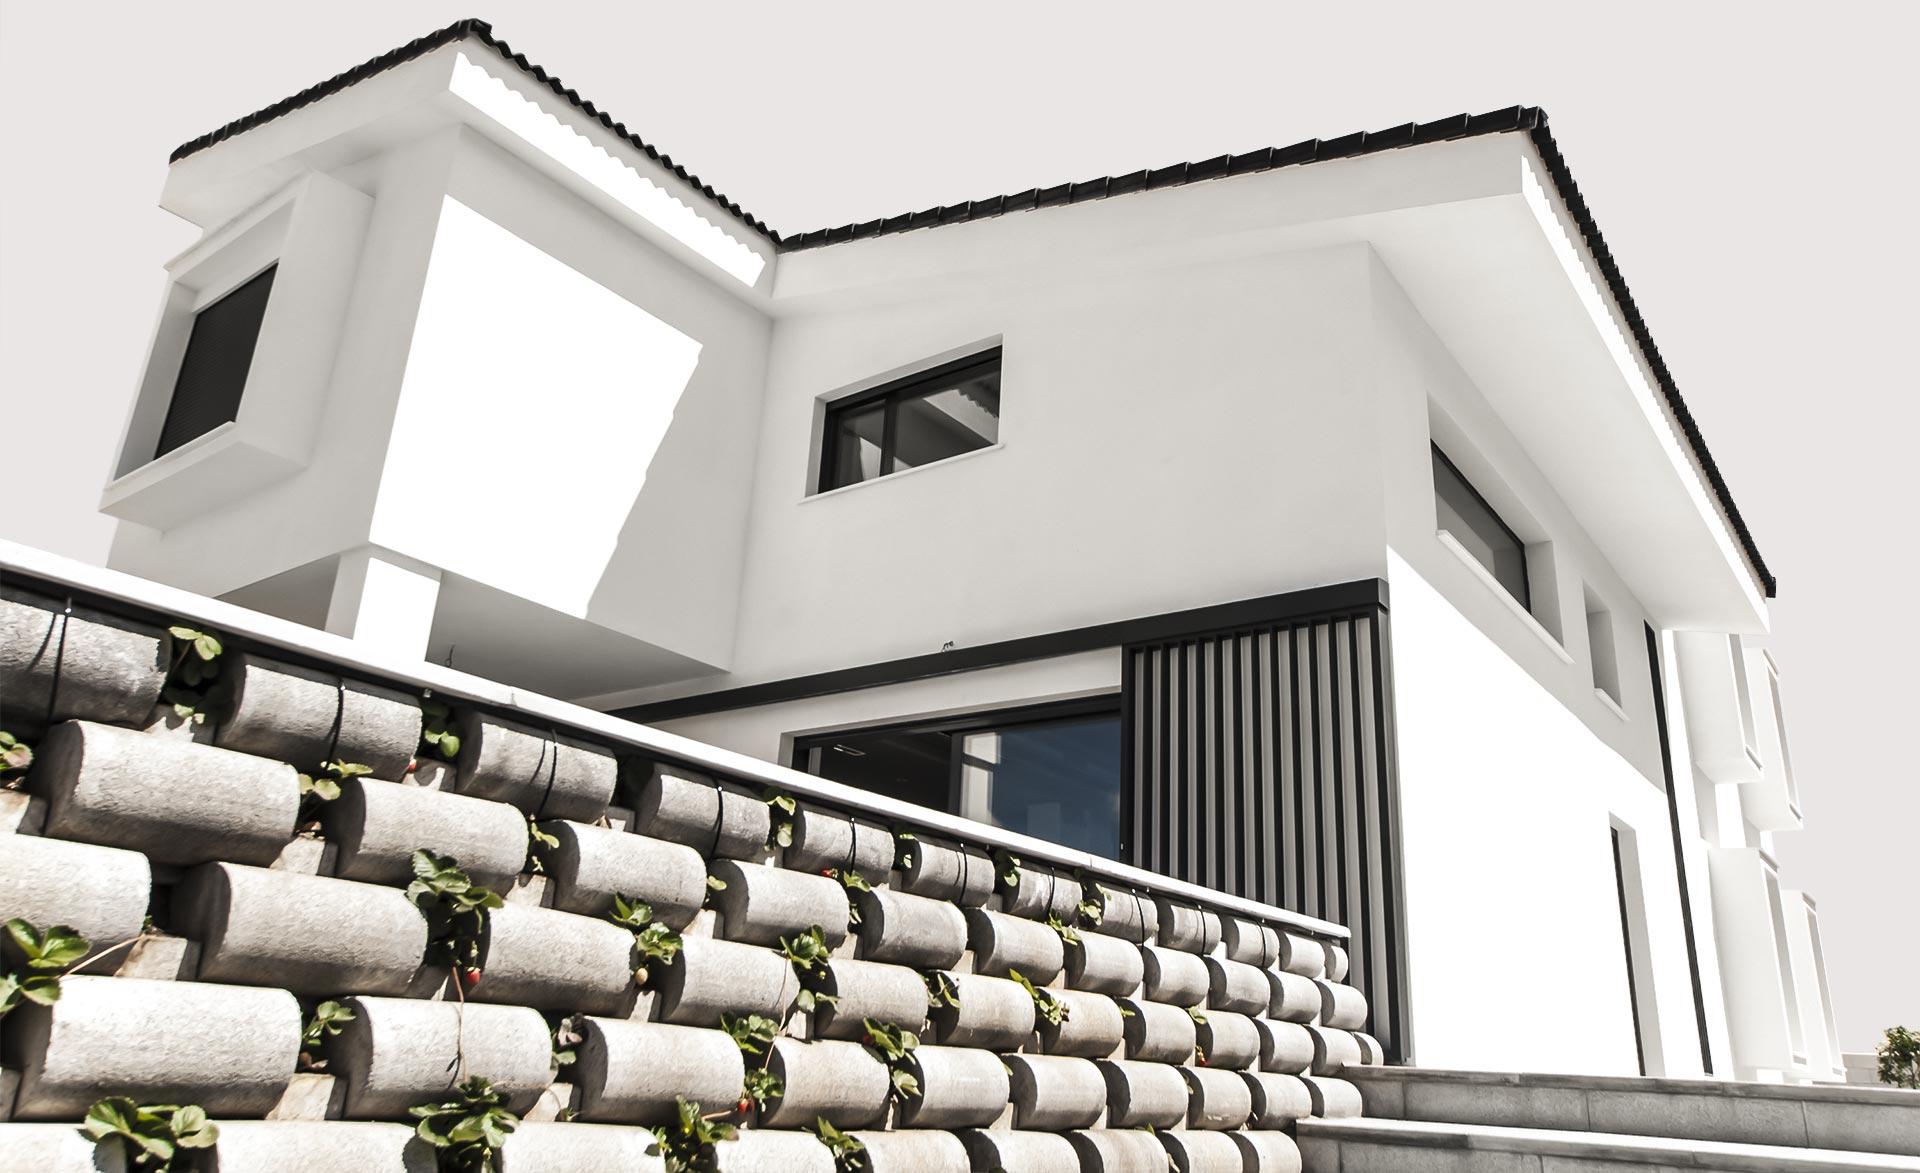 Vivienda nueva construida por Muntasil, empresa constructora en Granada